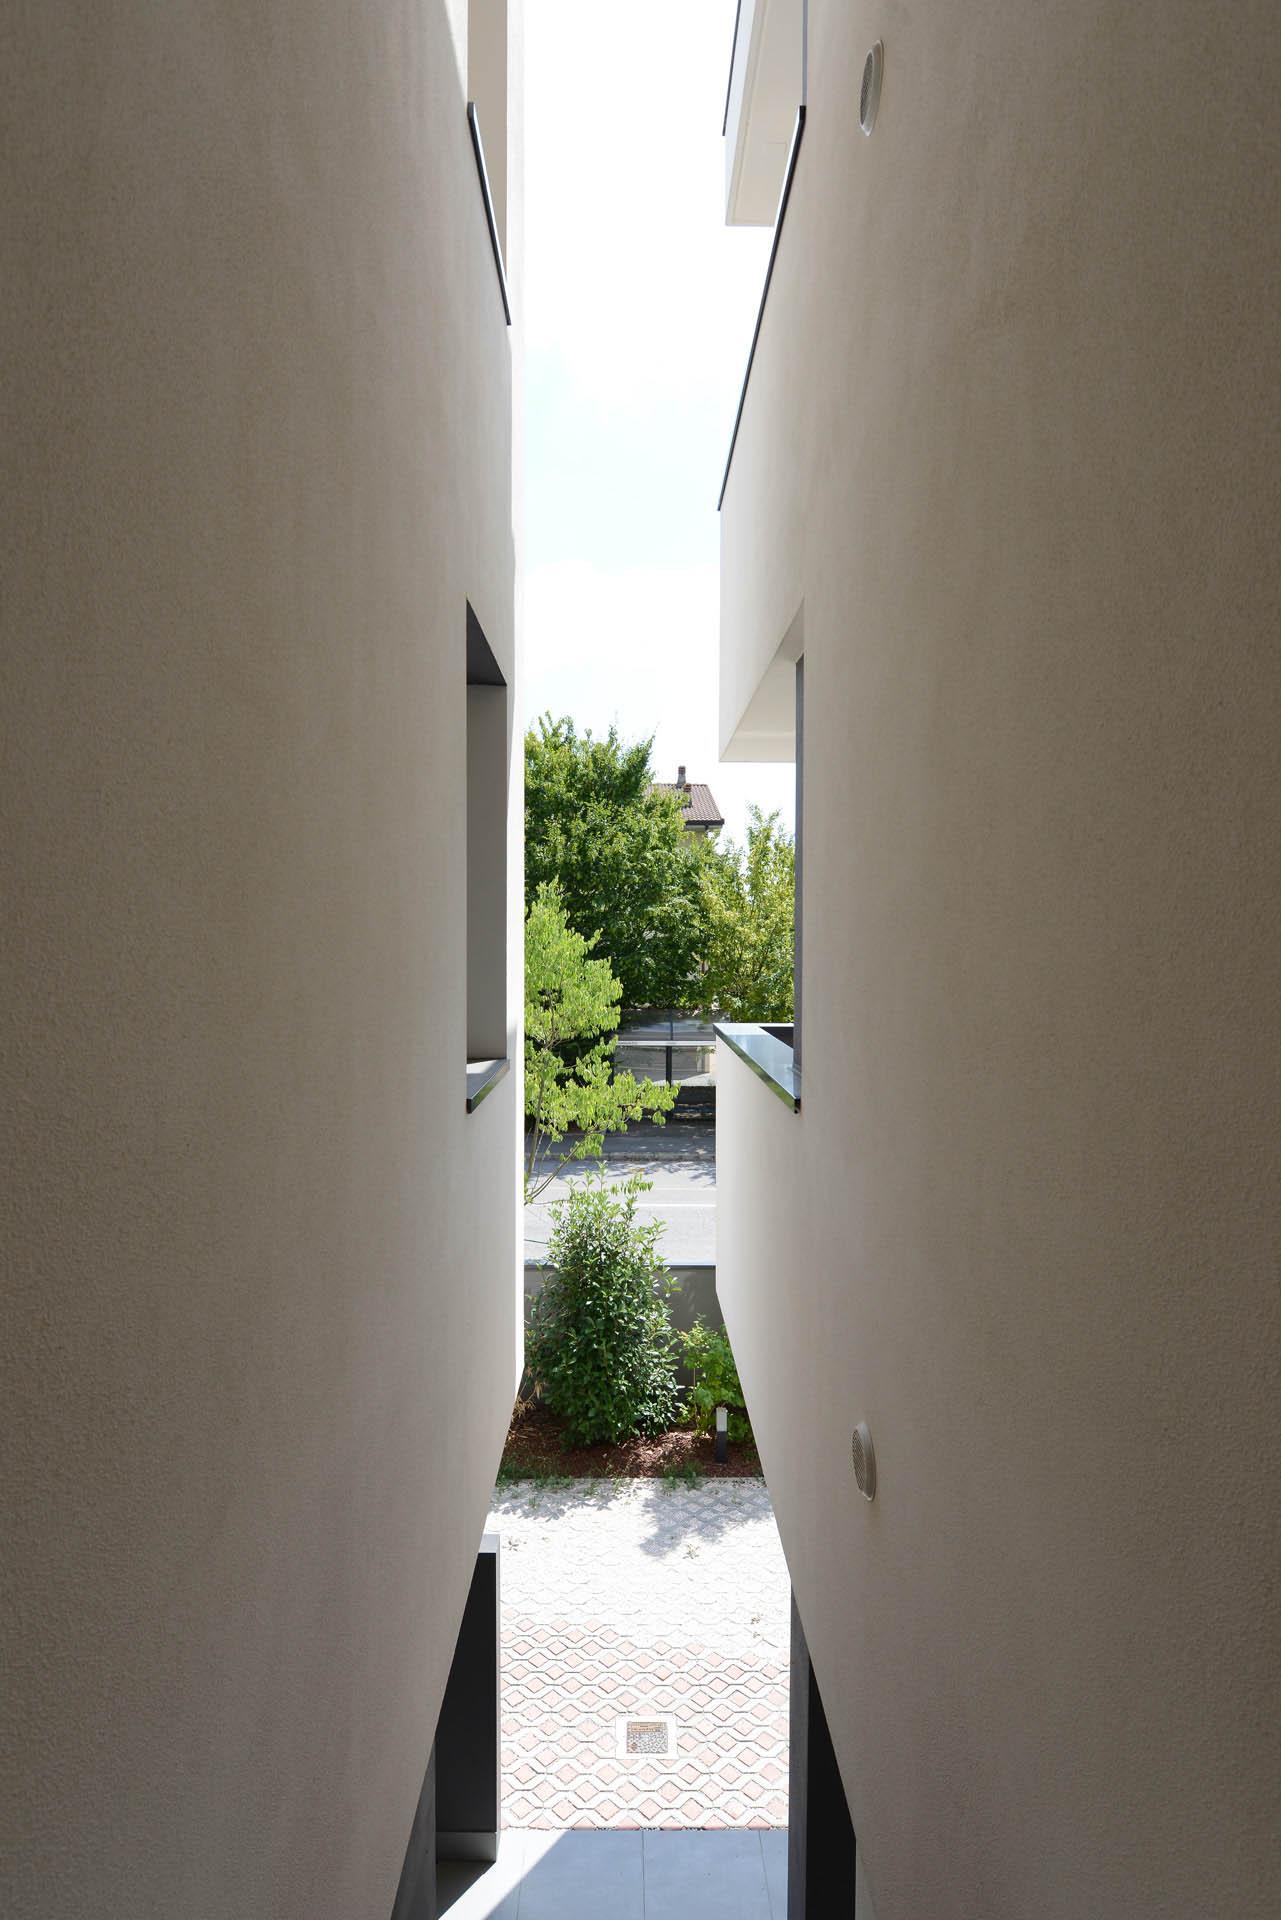 05 Studio Bacchi architetti associati condominio Schuman img 05